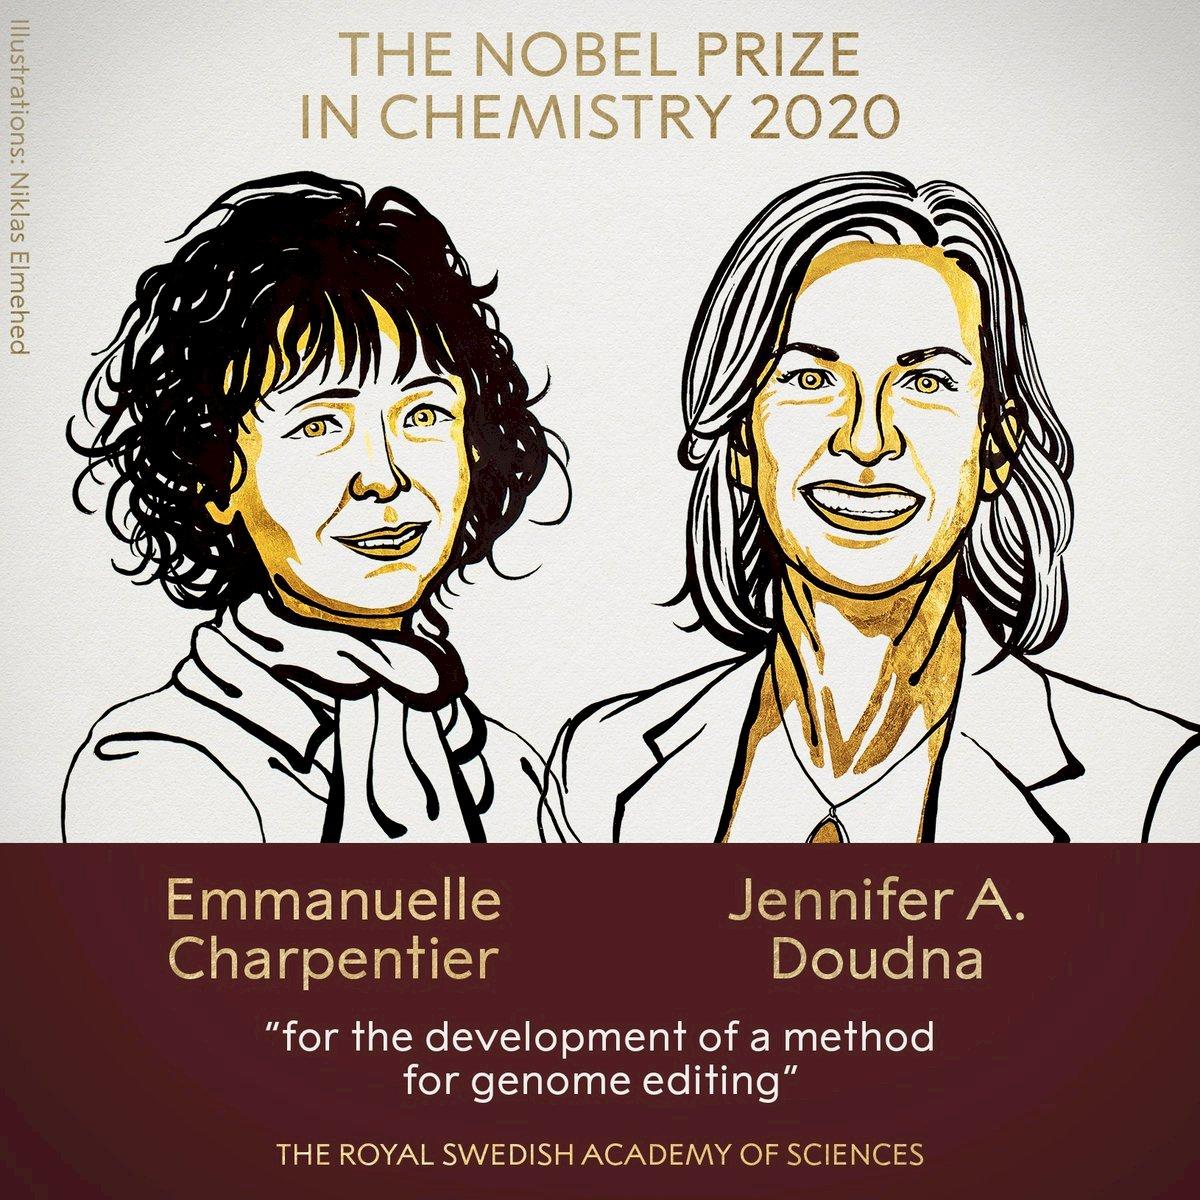 2020諾貝爾化學獎:美法2女科學家共享